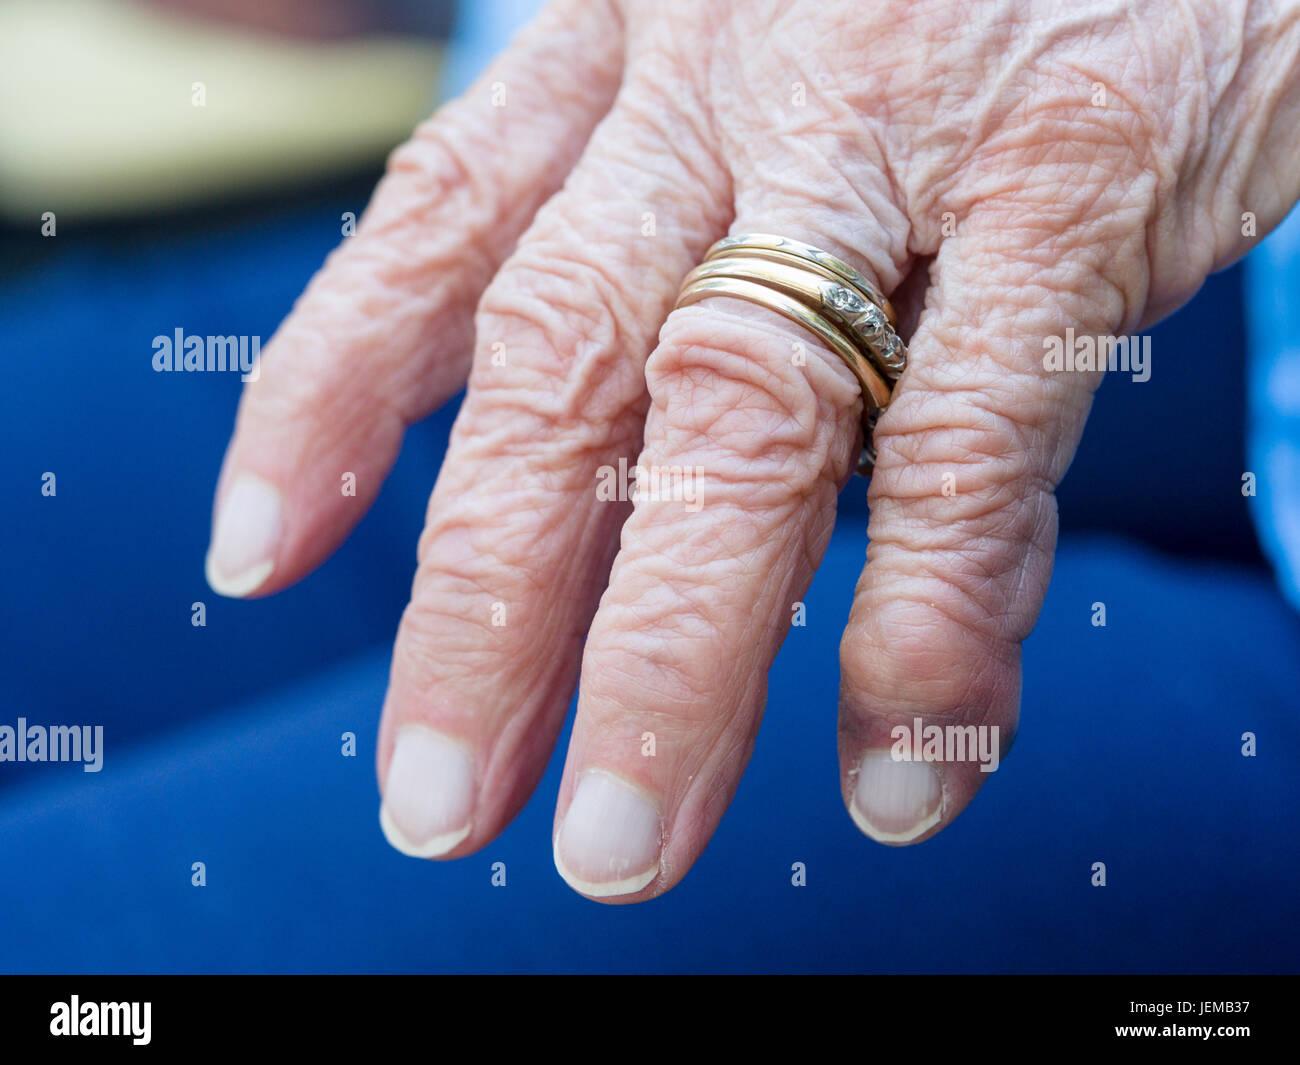 Arthritischen faltige Hand eine ältere Frau: die linke Hand mit Trau- und Verlobungsringe eine alte Frau. Stockbild